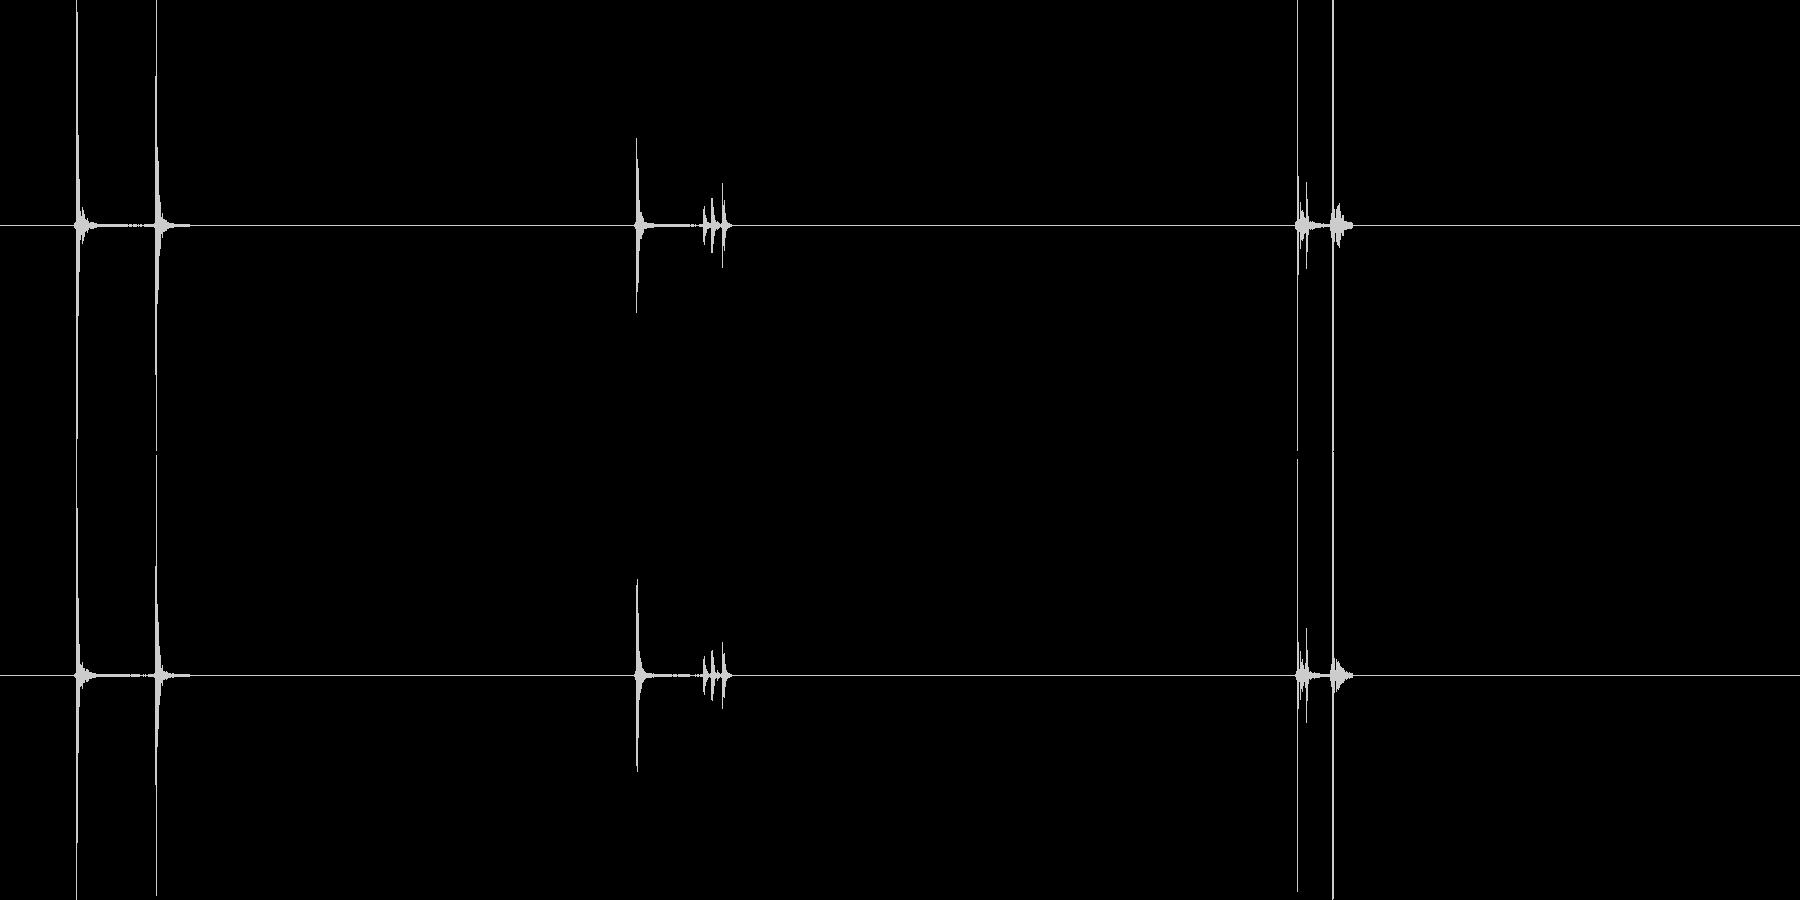 眼鏡を指で押し上げるときの音の未再生の波形